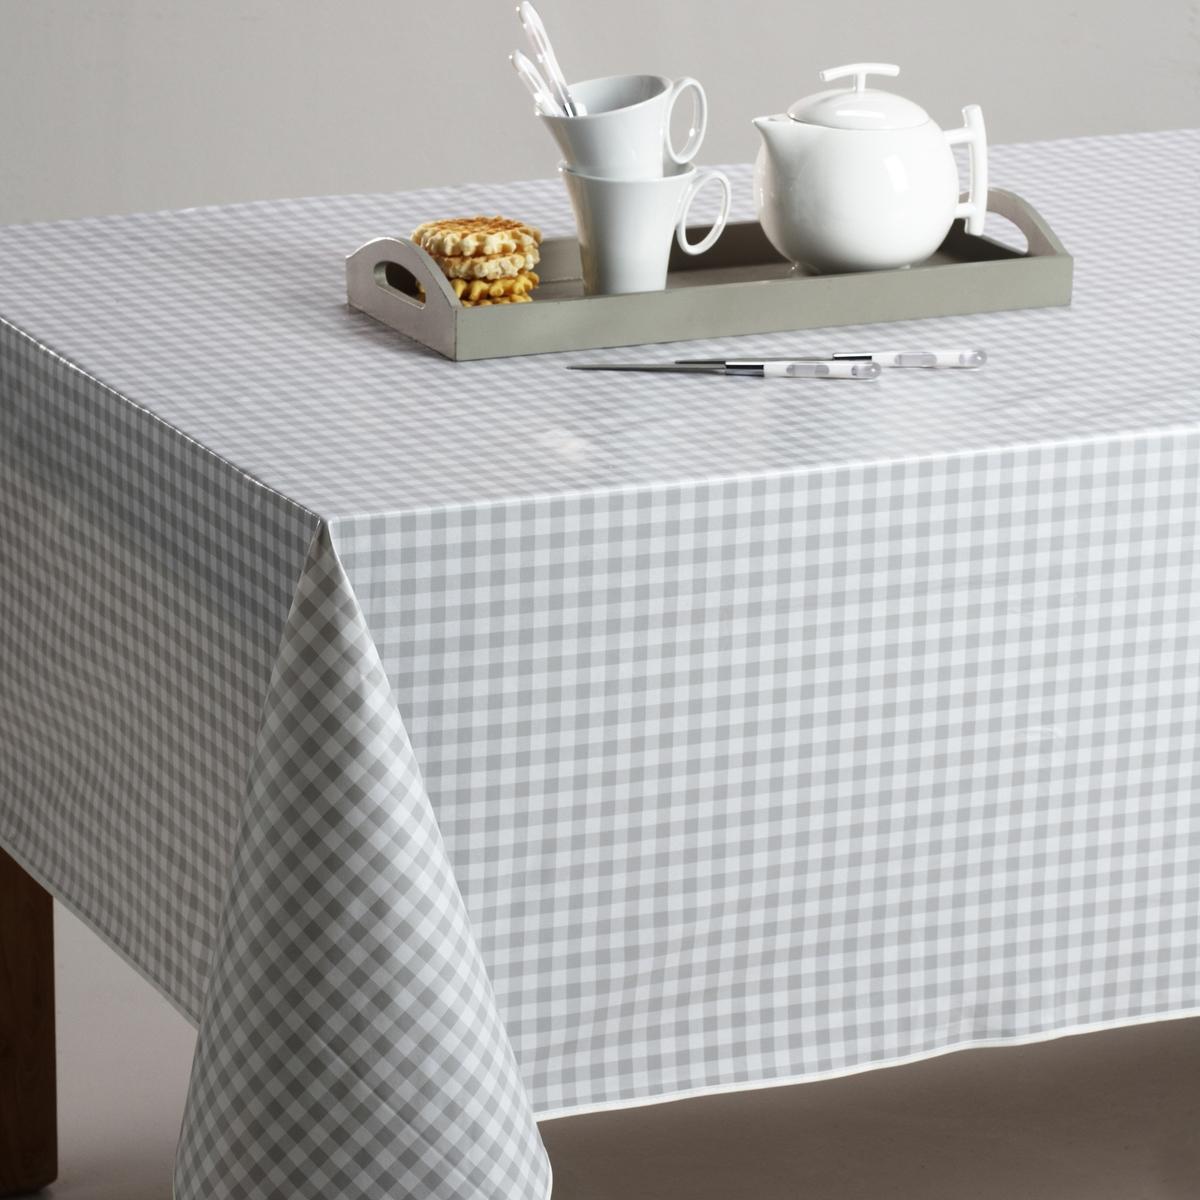 Скатерть в клетку виши, 100% хлопок с окрашенными волокнами, GARDEN PARTYВсегда модный рисунок в деревенском стиле, 3 цвета, для повседневного использования !  Машинная стирка при 40 °С.Текстиль для столовой, 100% хлопок с окрашенными волокнами : гарантия качества и долговечности.<br><br>Цвет: серый/ белый<br>Размер: 150 cm